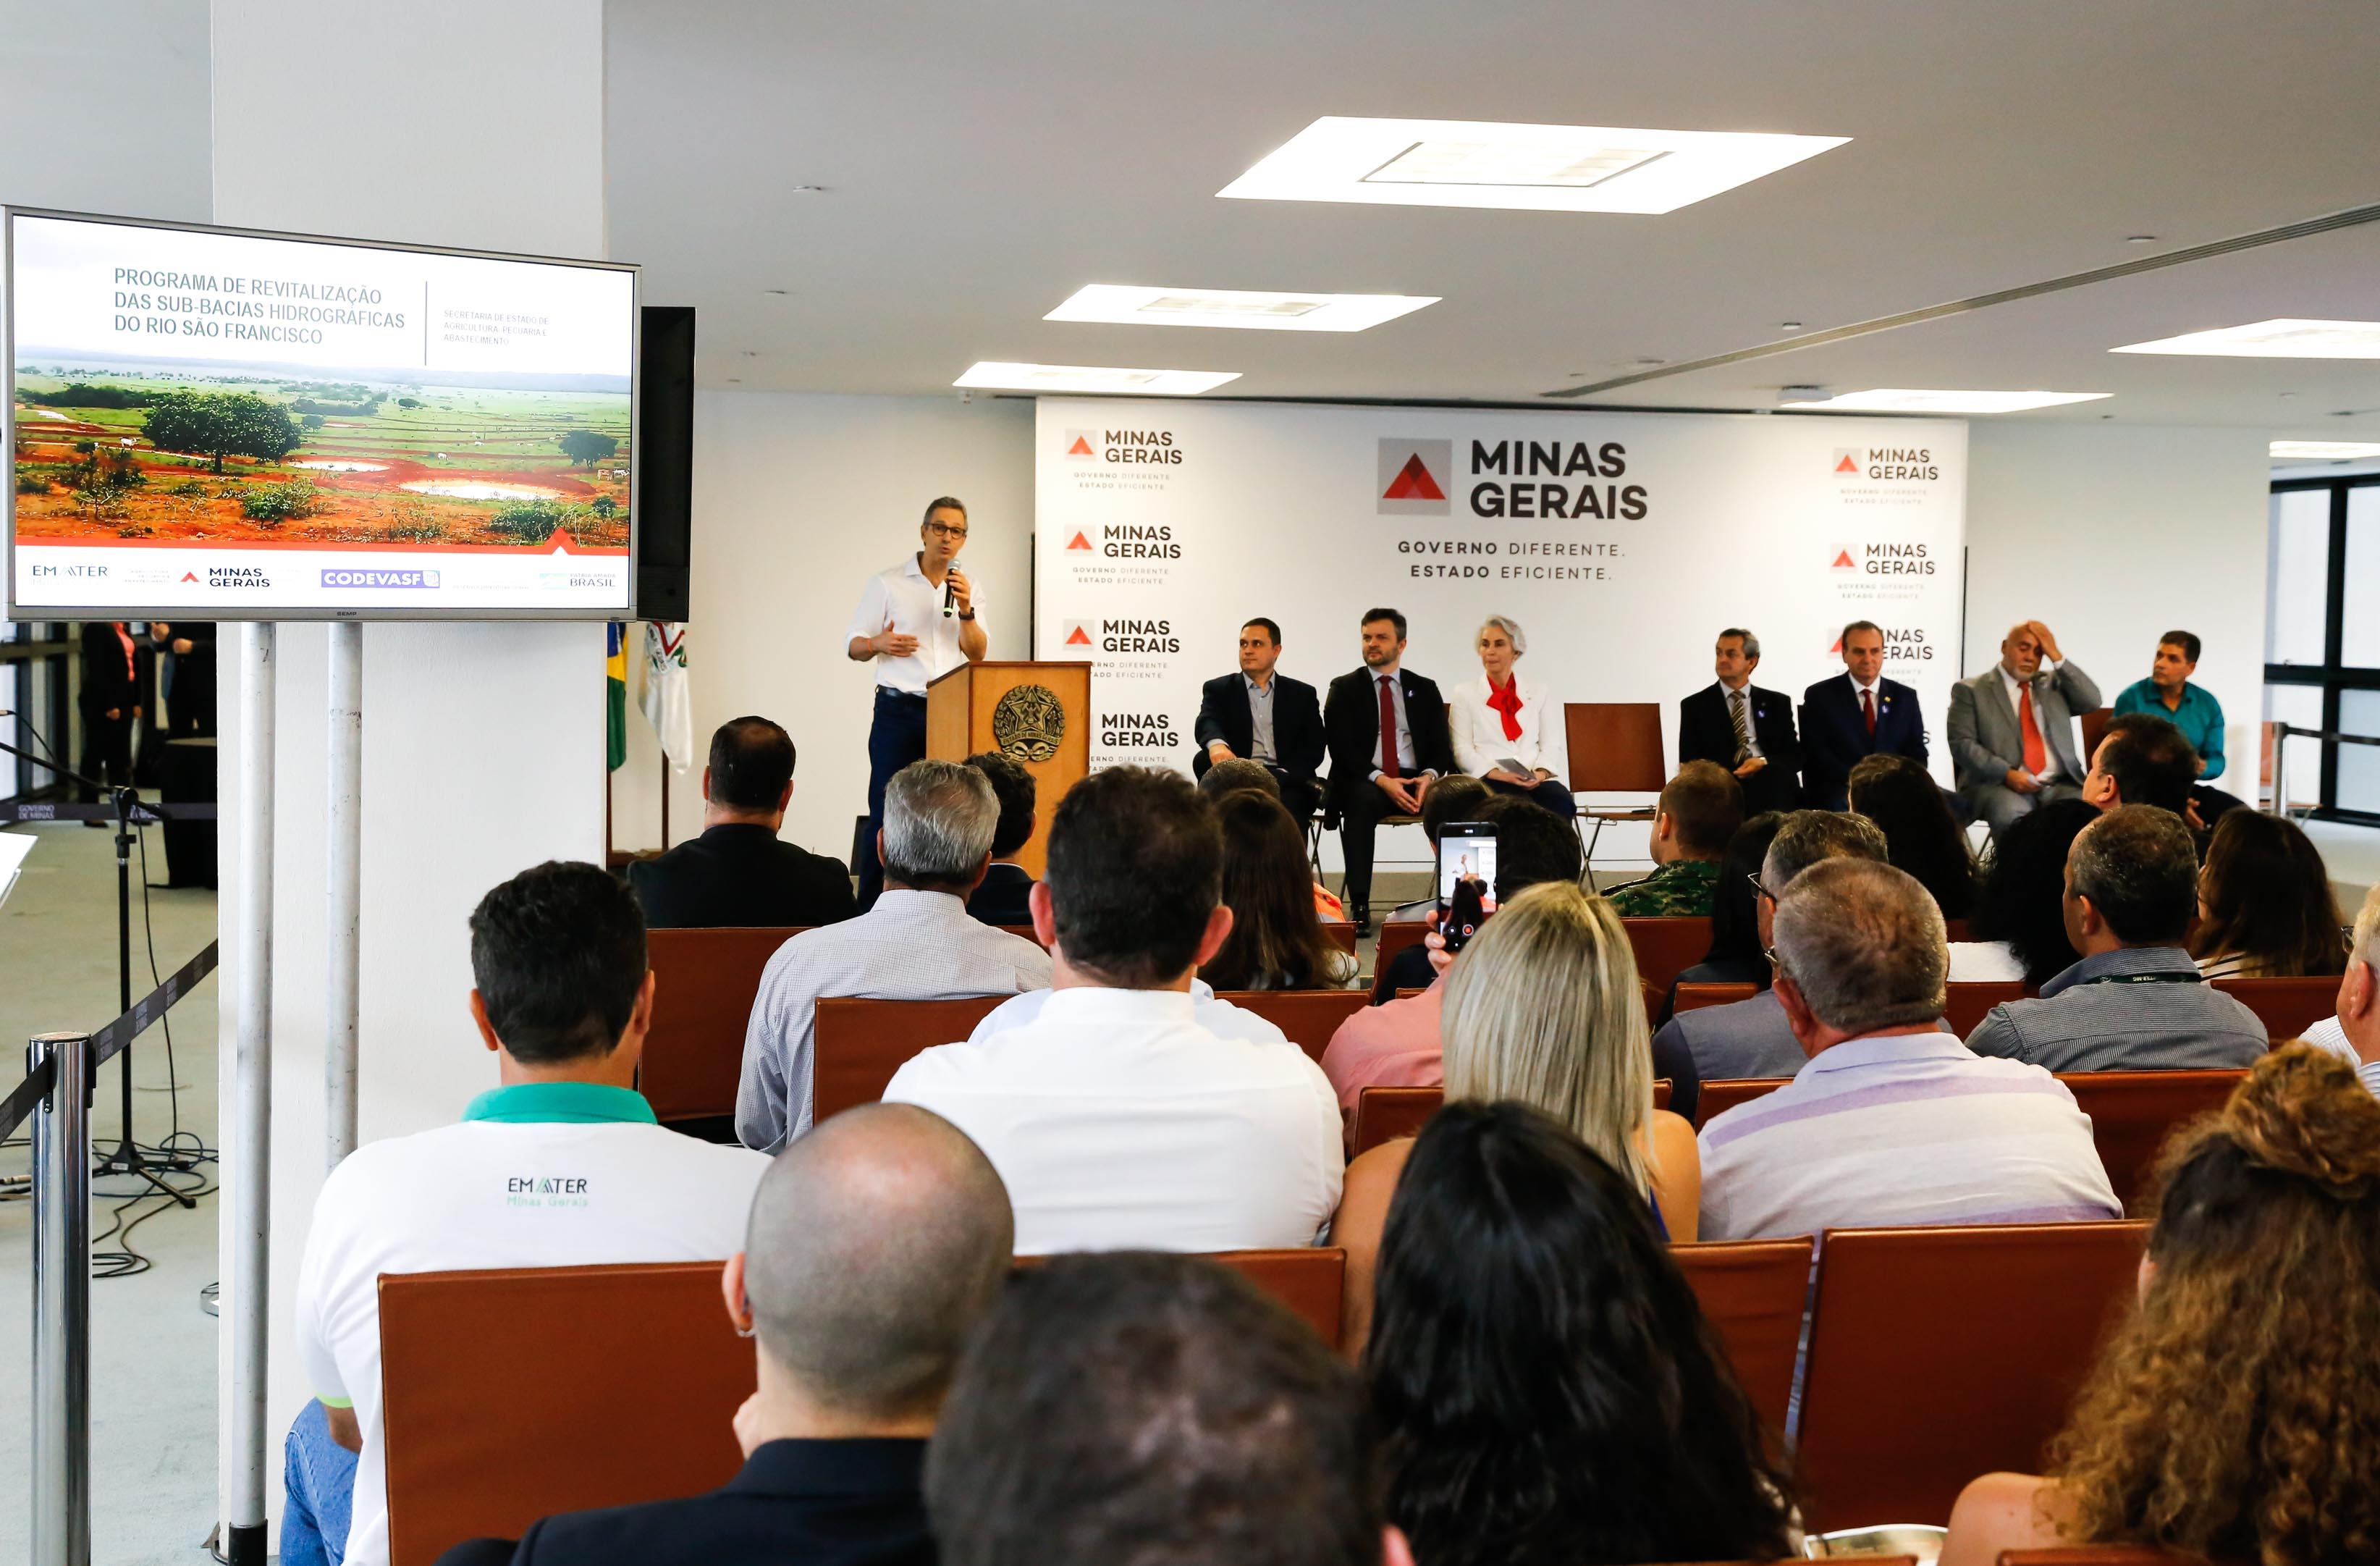 Governador Romeu Zema entrega veículos para programa de revitalização do Rio São Francisco